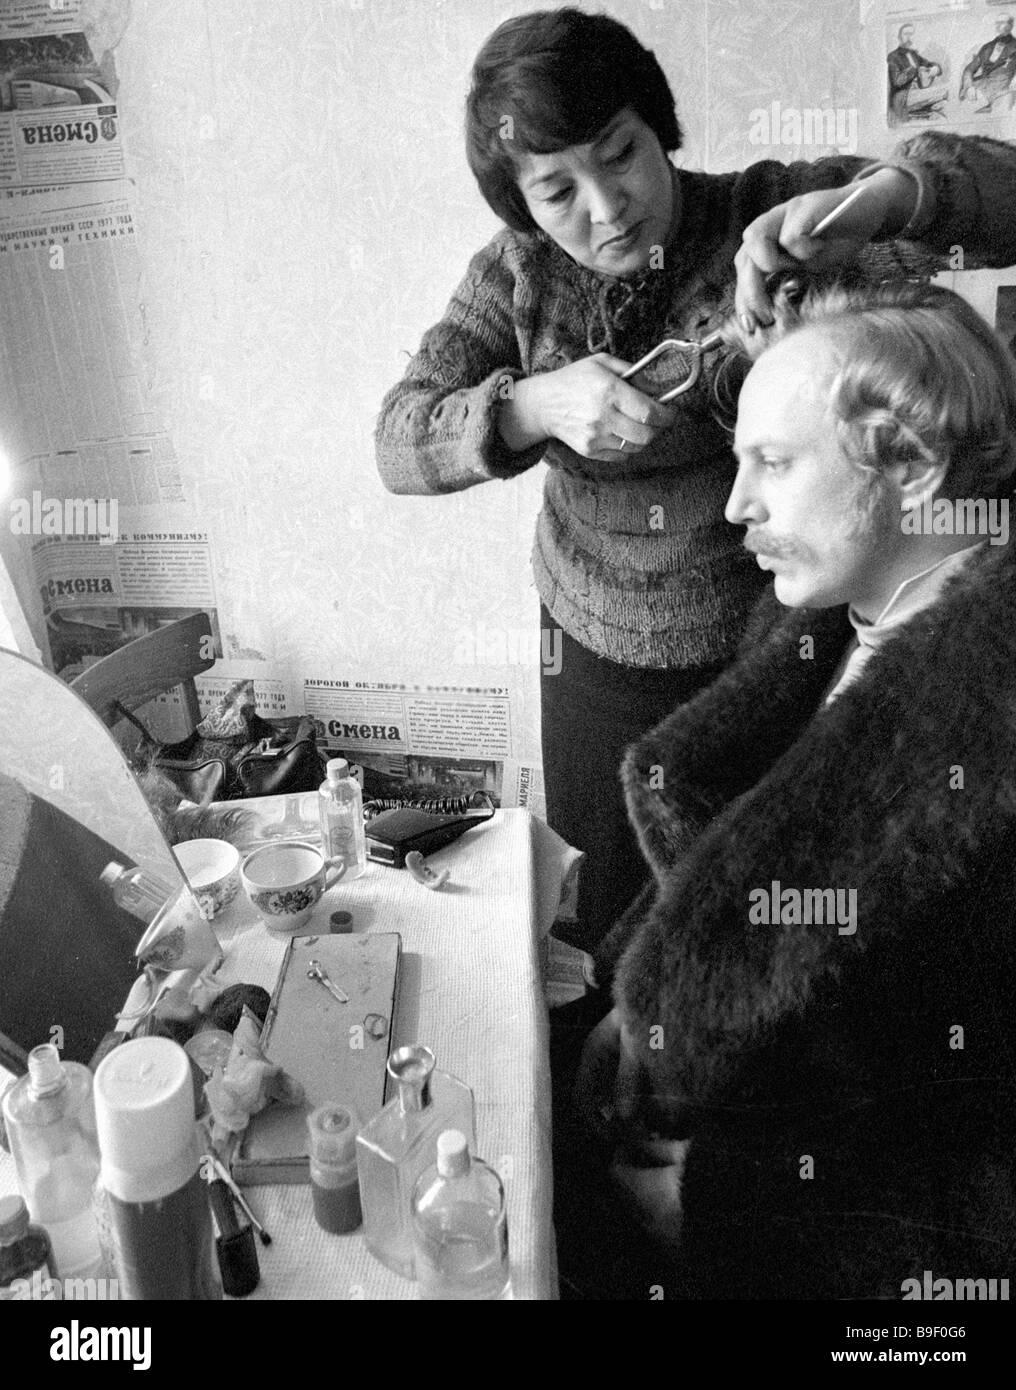 Biography of Oleg Strizhenov: by chance